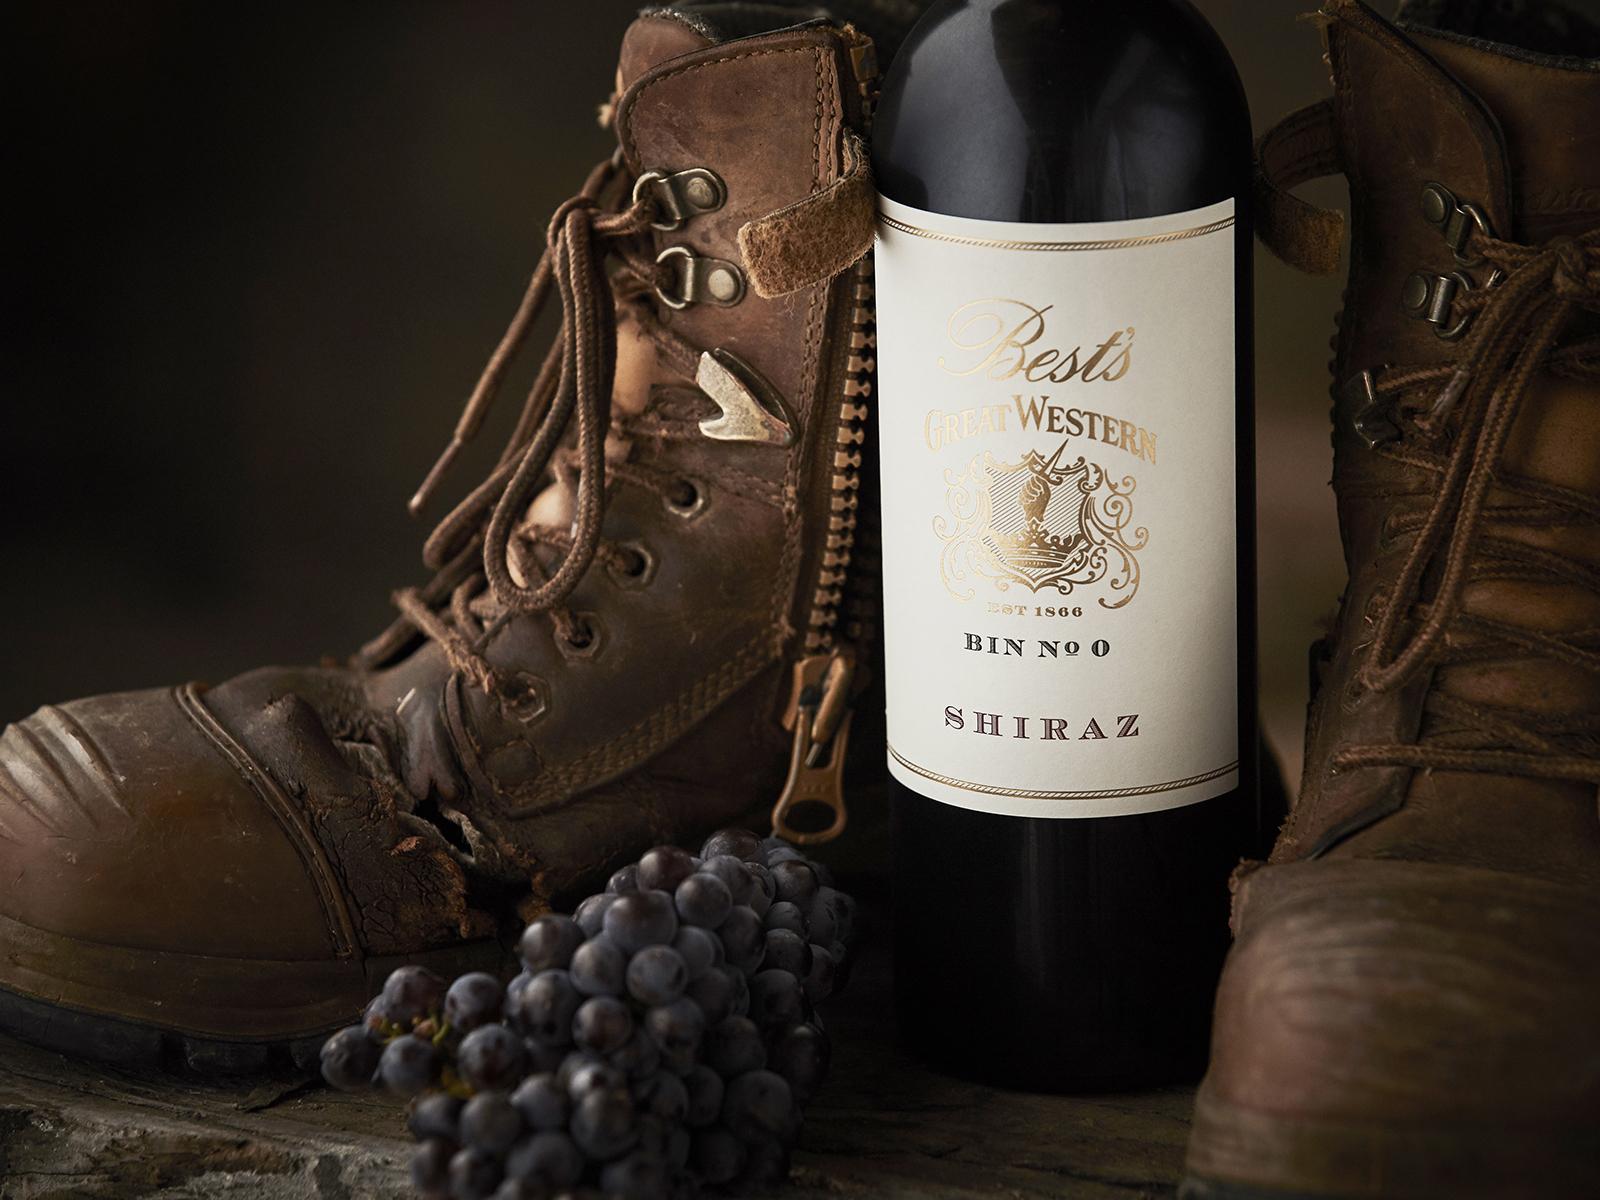 Best's Great Western joins the Oatley Fine Wine Merchants Portfolio